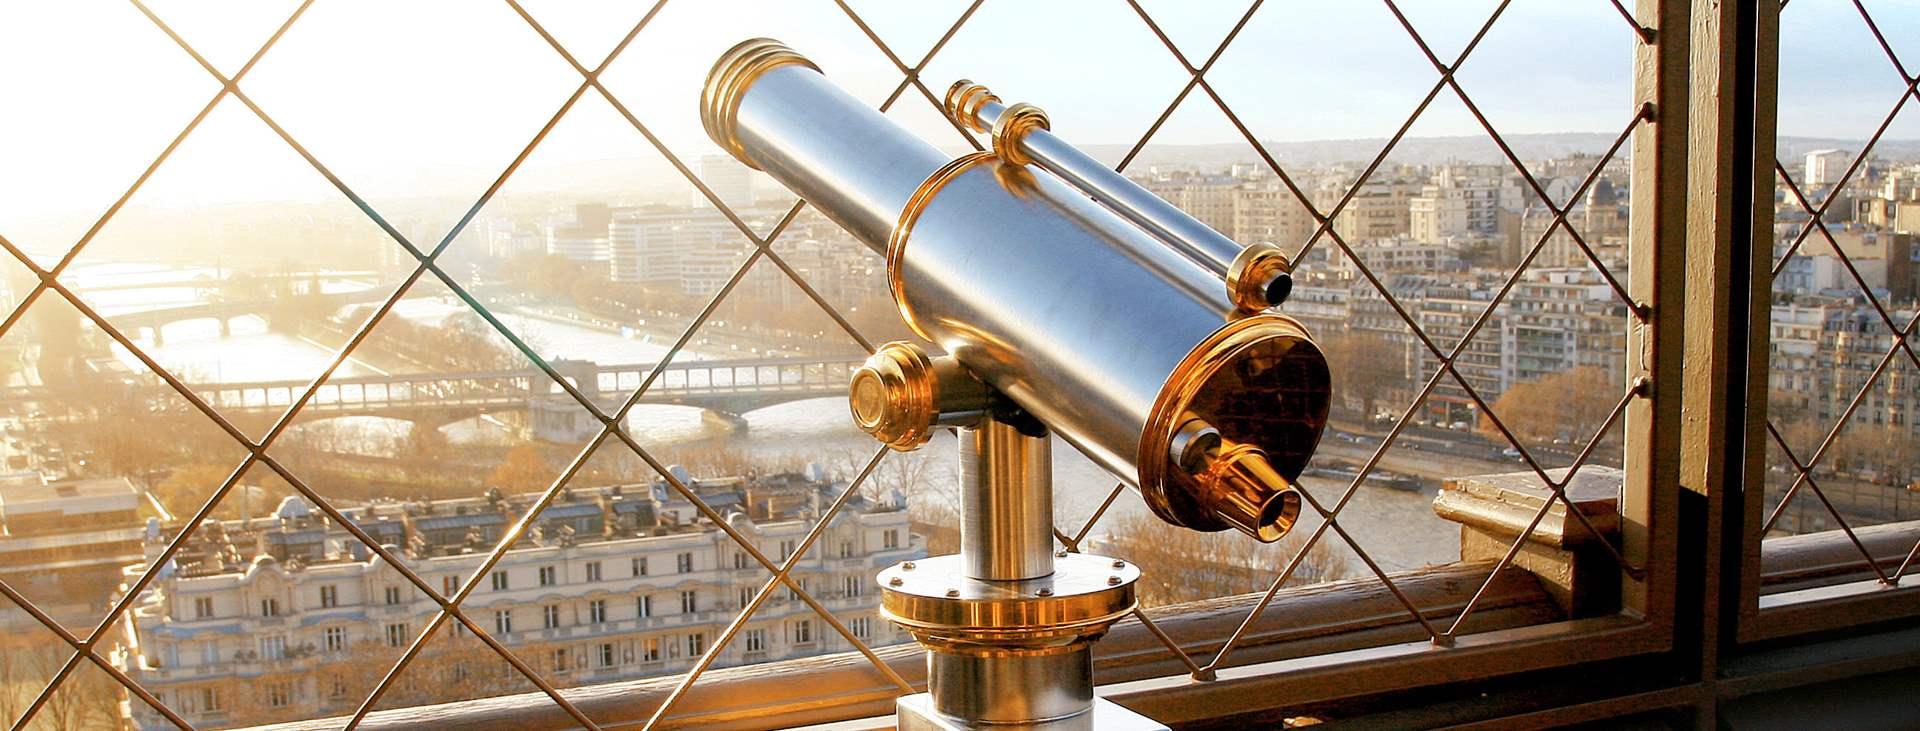 Boka en weekend till Frankrike med flyg och hotell